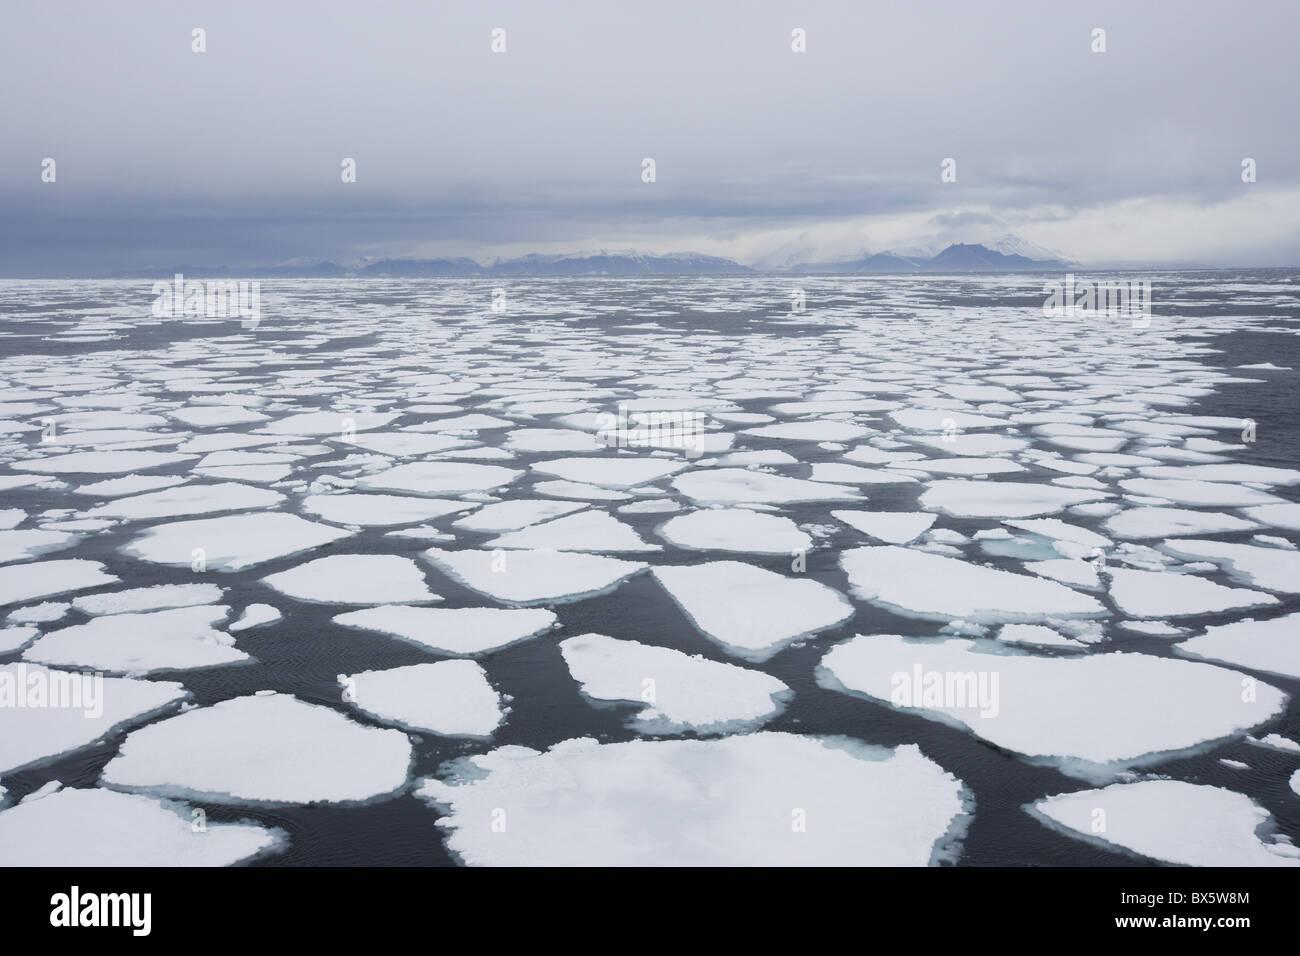 Glaçon, drift ice, Groenlandia, artiche, regioni polari Immagini Stock